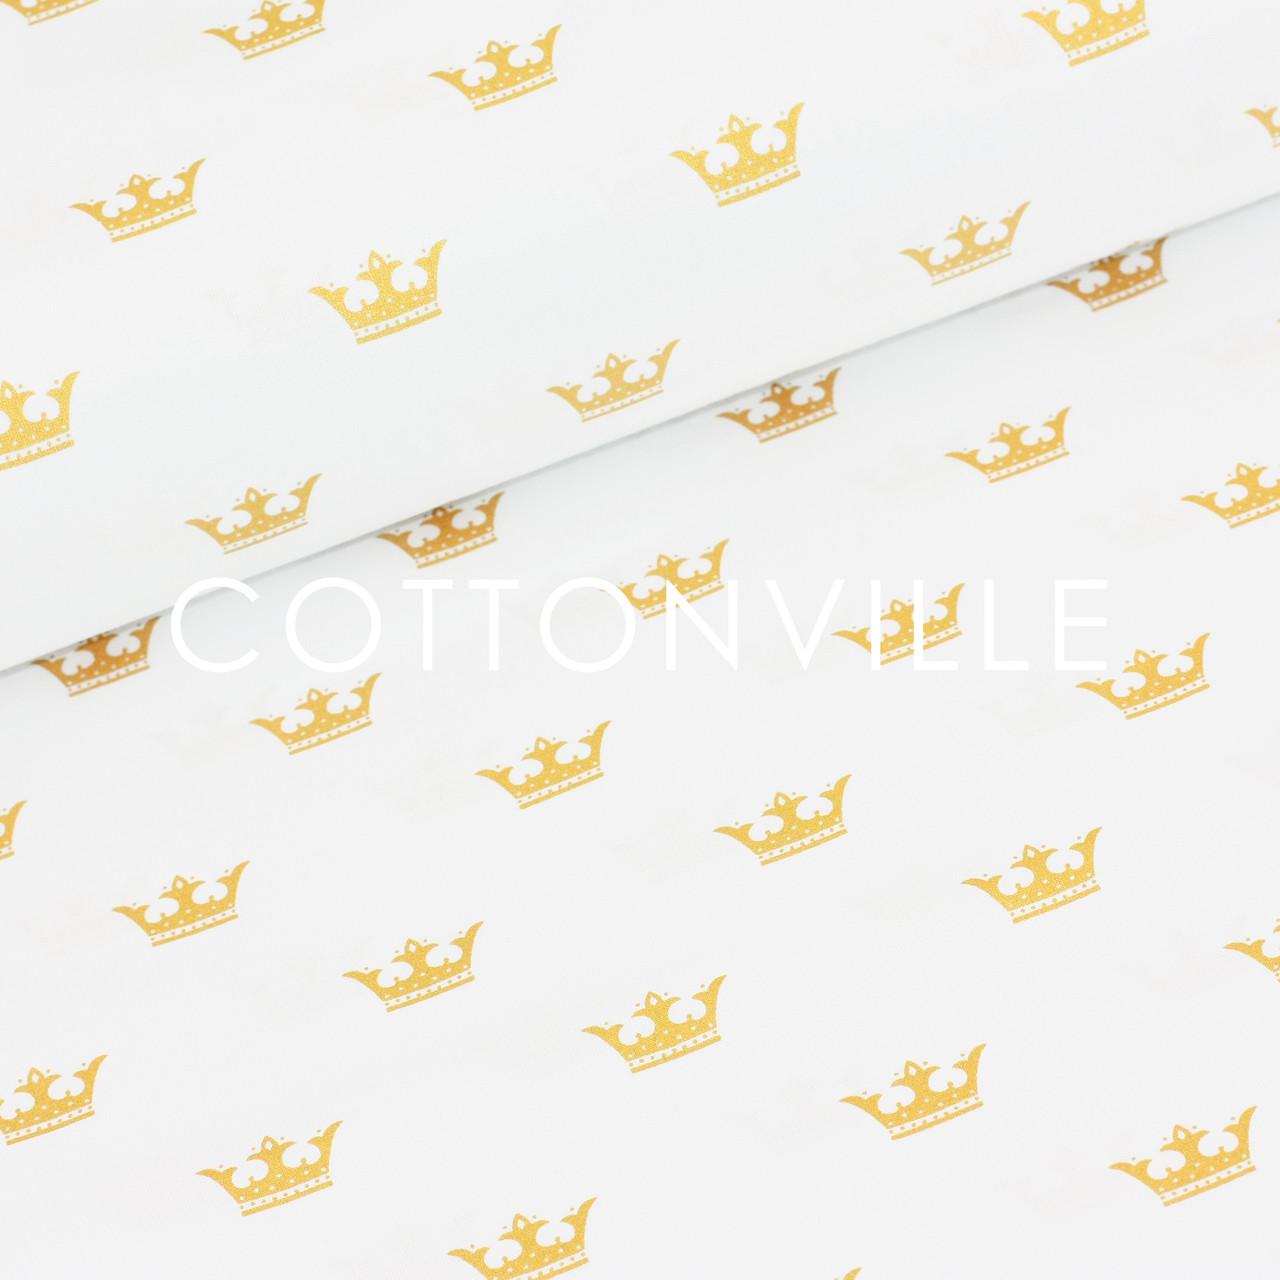 Бязь Золотистые короны